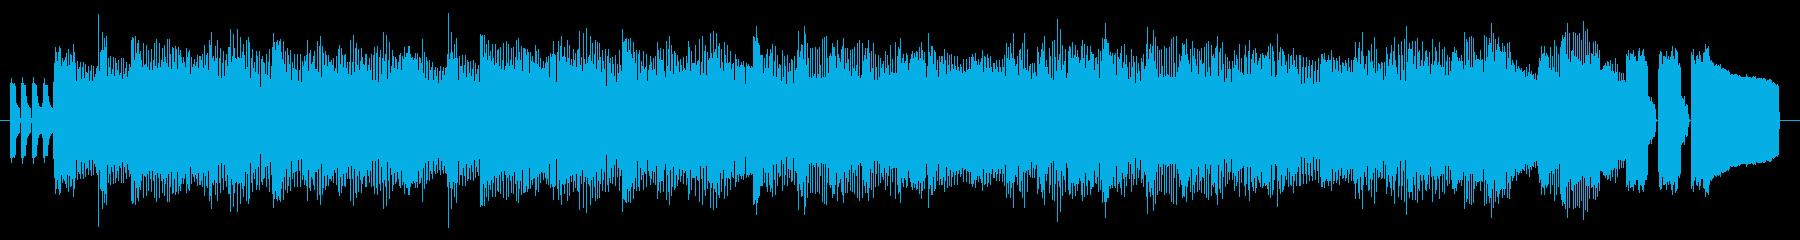 GB風対戦格闘ゲームのタイトル曲の再生済みの波形